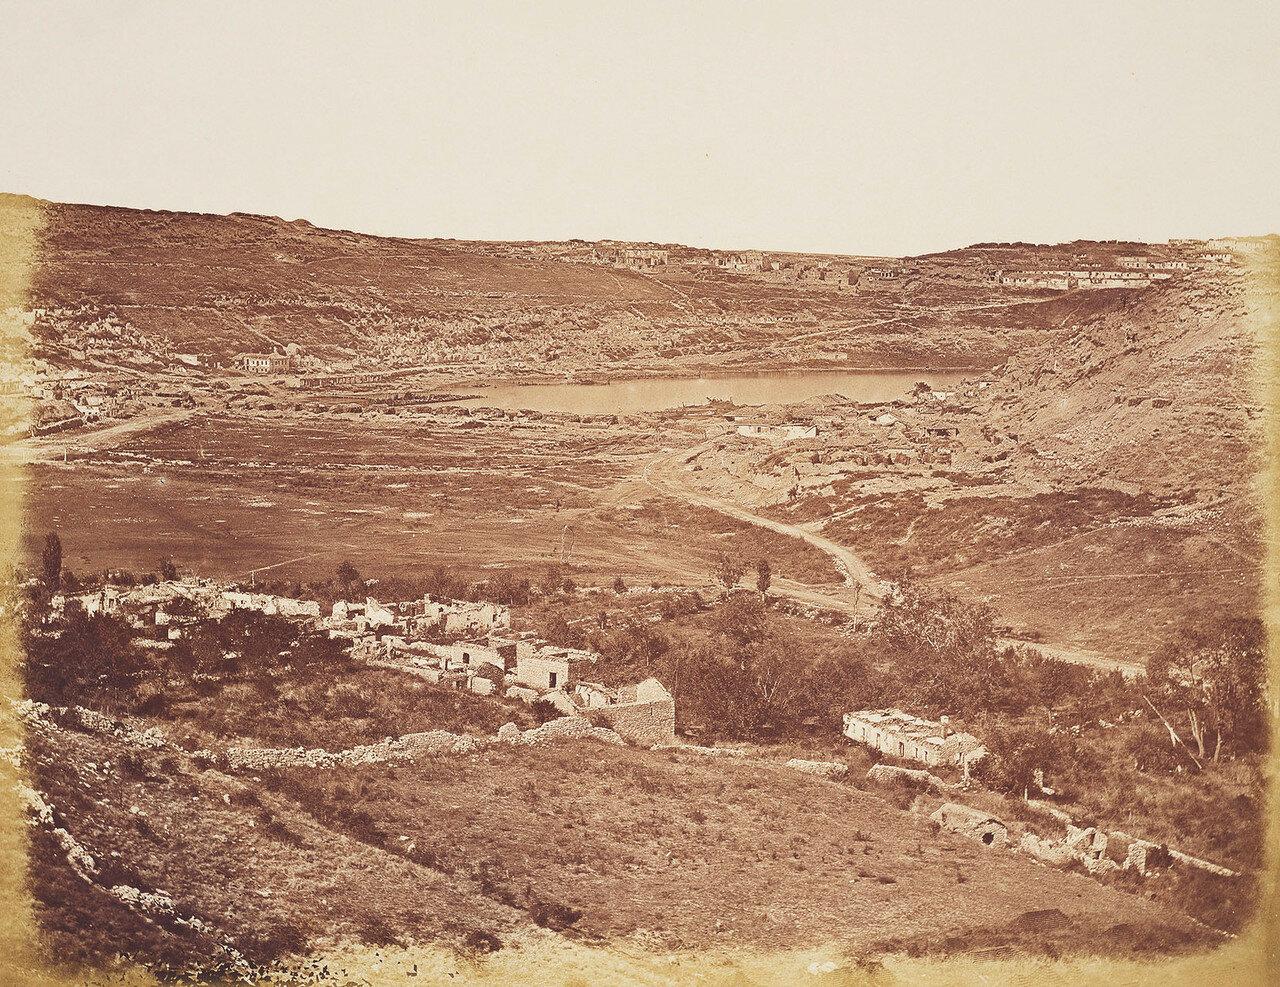 Кладбищенская долина